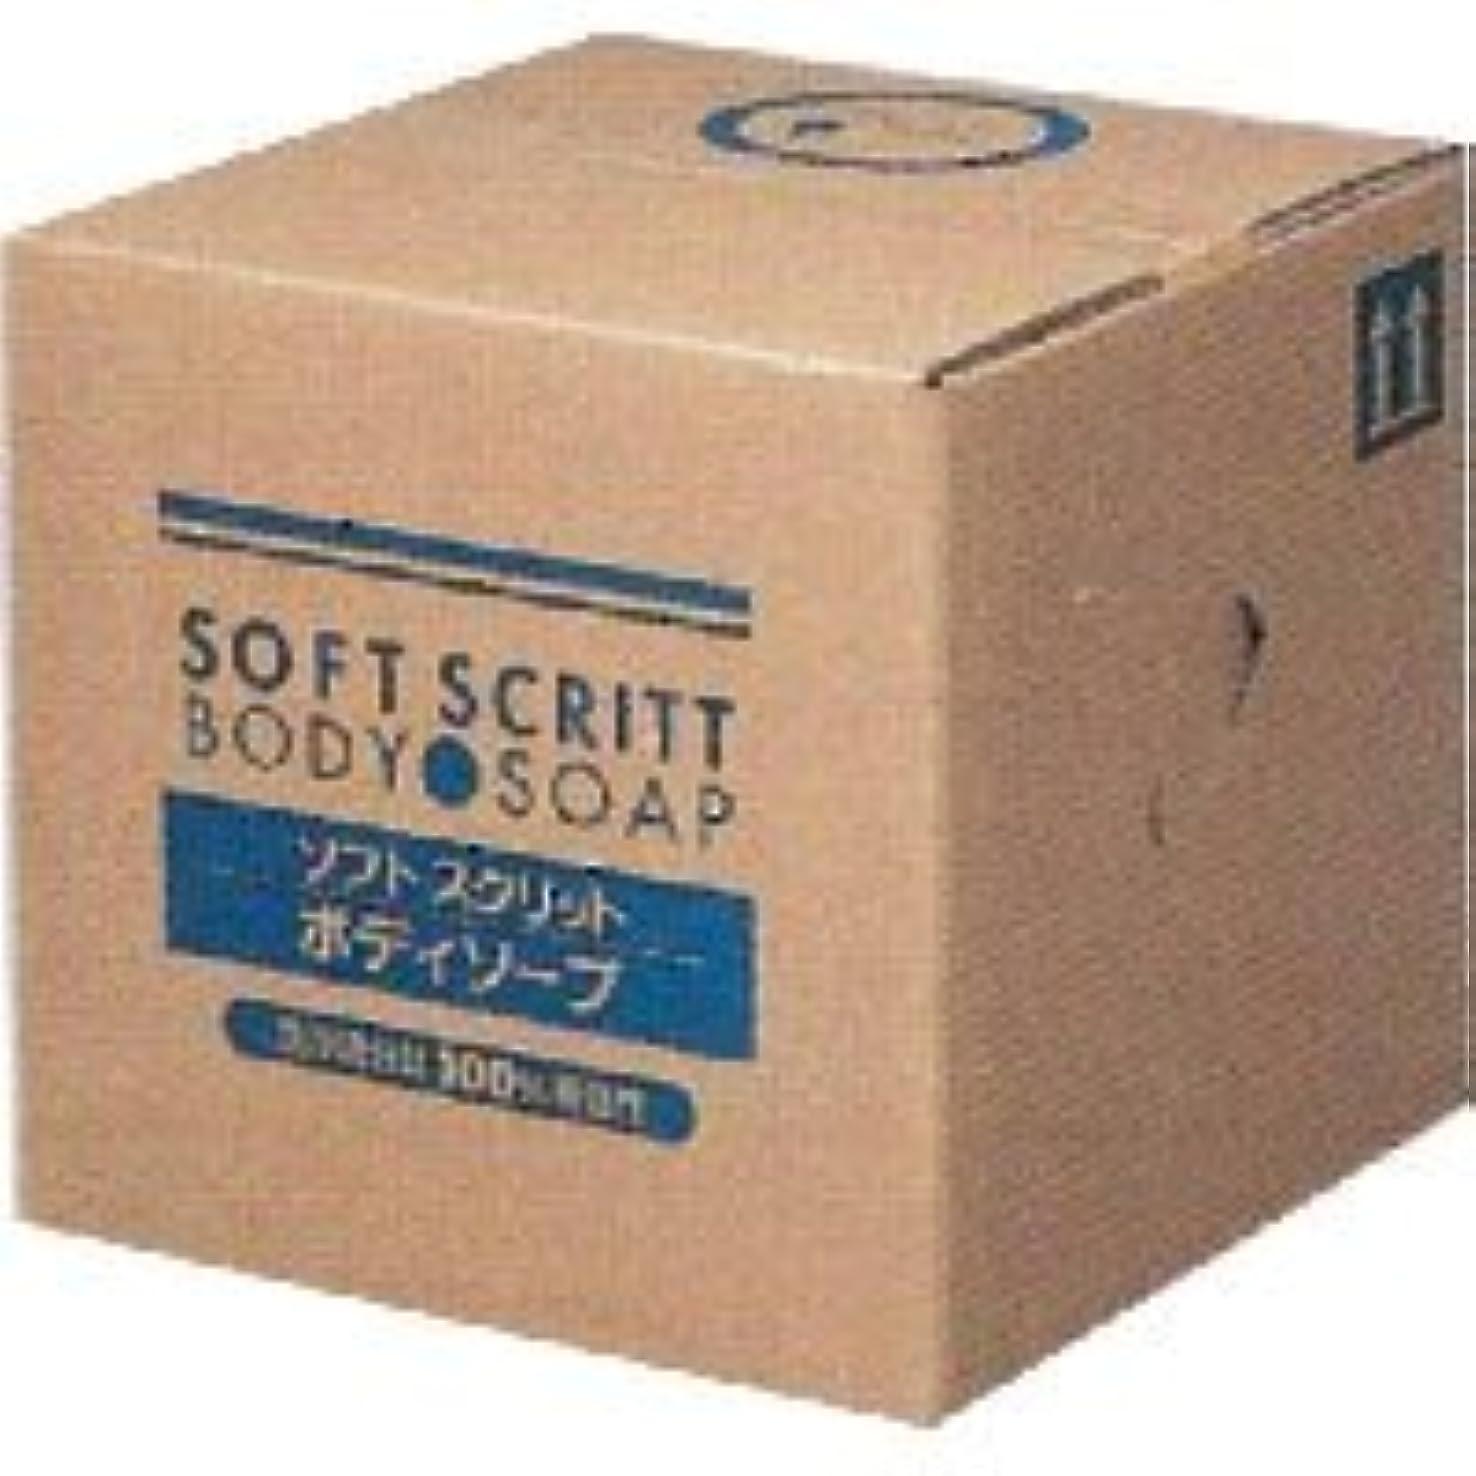 サーカス人気の励起ソフトスクリットボディソープ18L